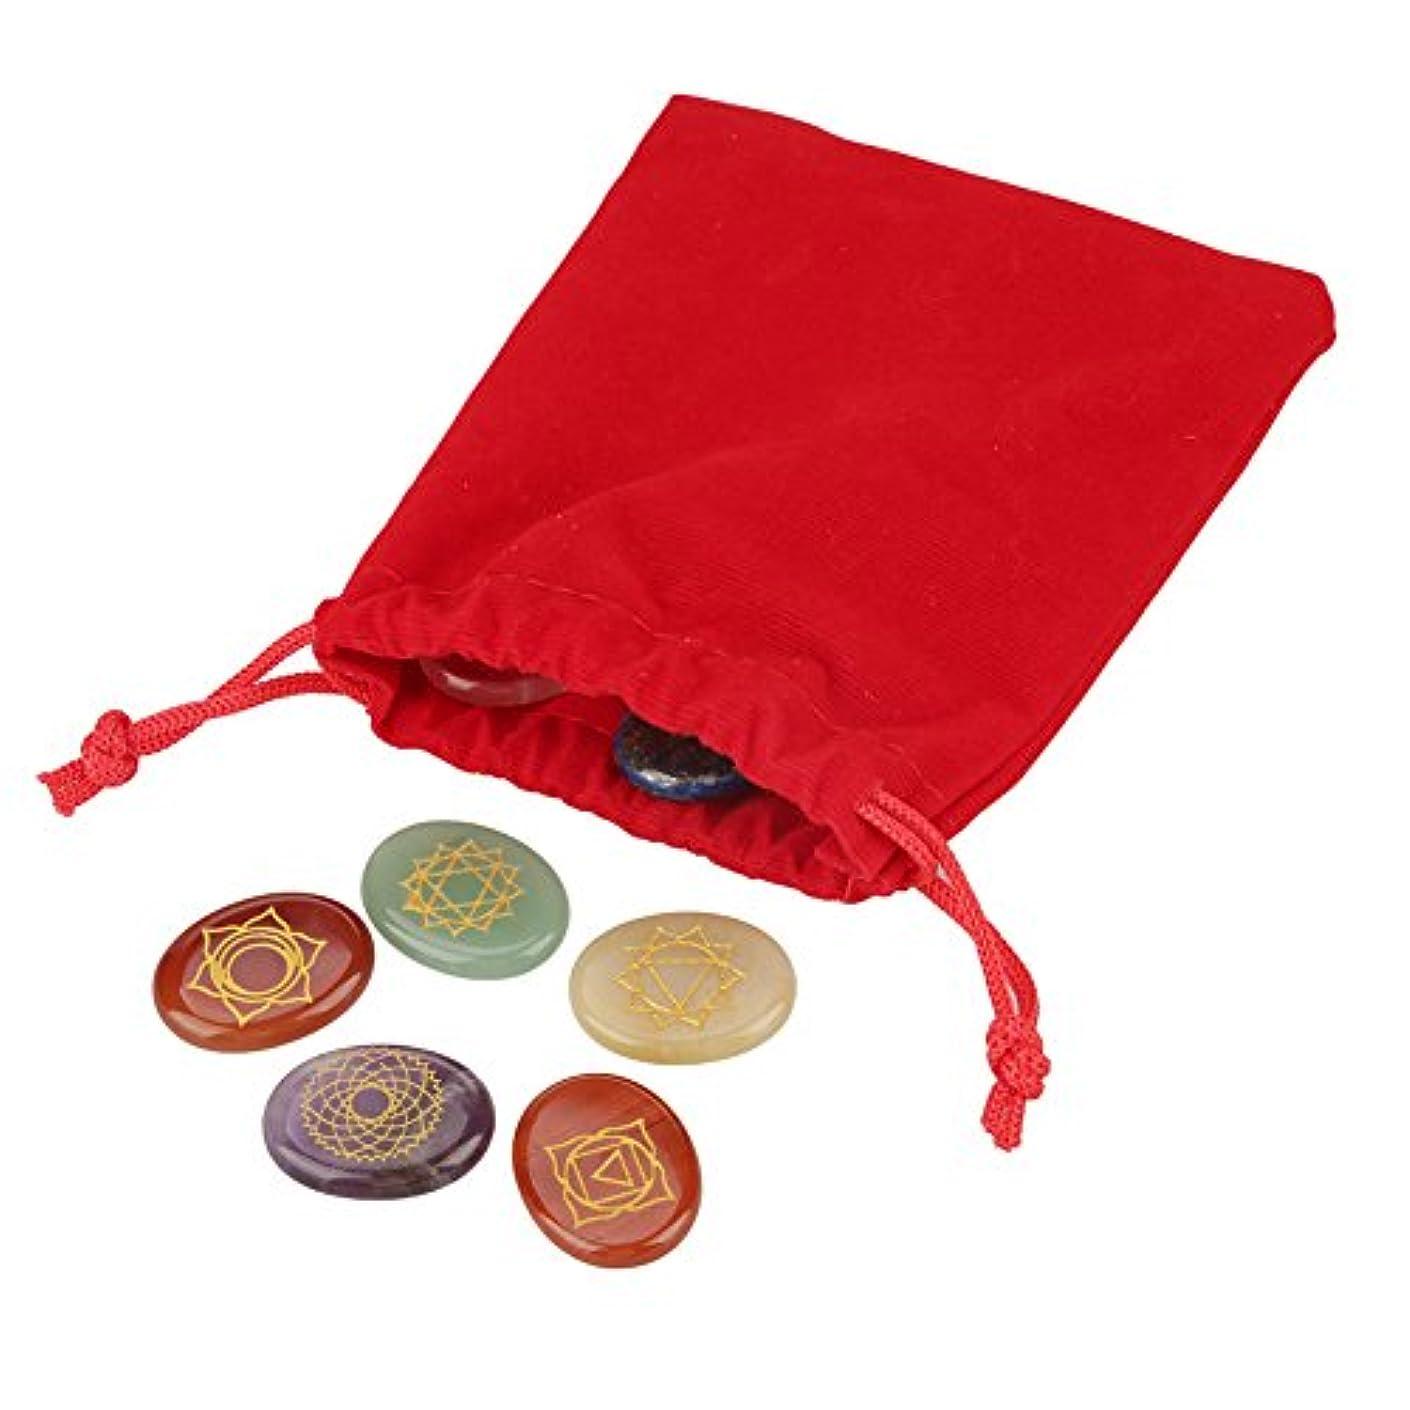 警察ランチョン不明瞭7個/セット刻印チャクラストーンとフランネルバッグ(黒または赤)、刻印スピリチュアルヒーリング瞑想パームストーンレイキチャクラクリスタル